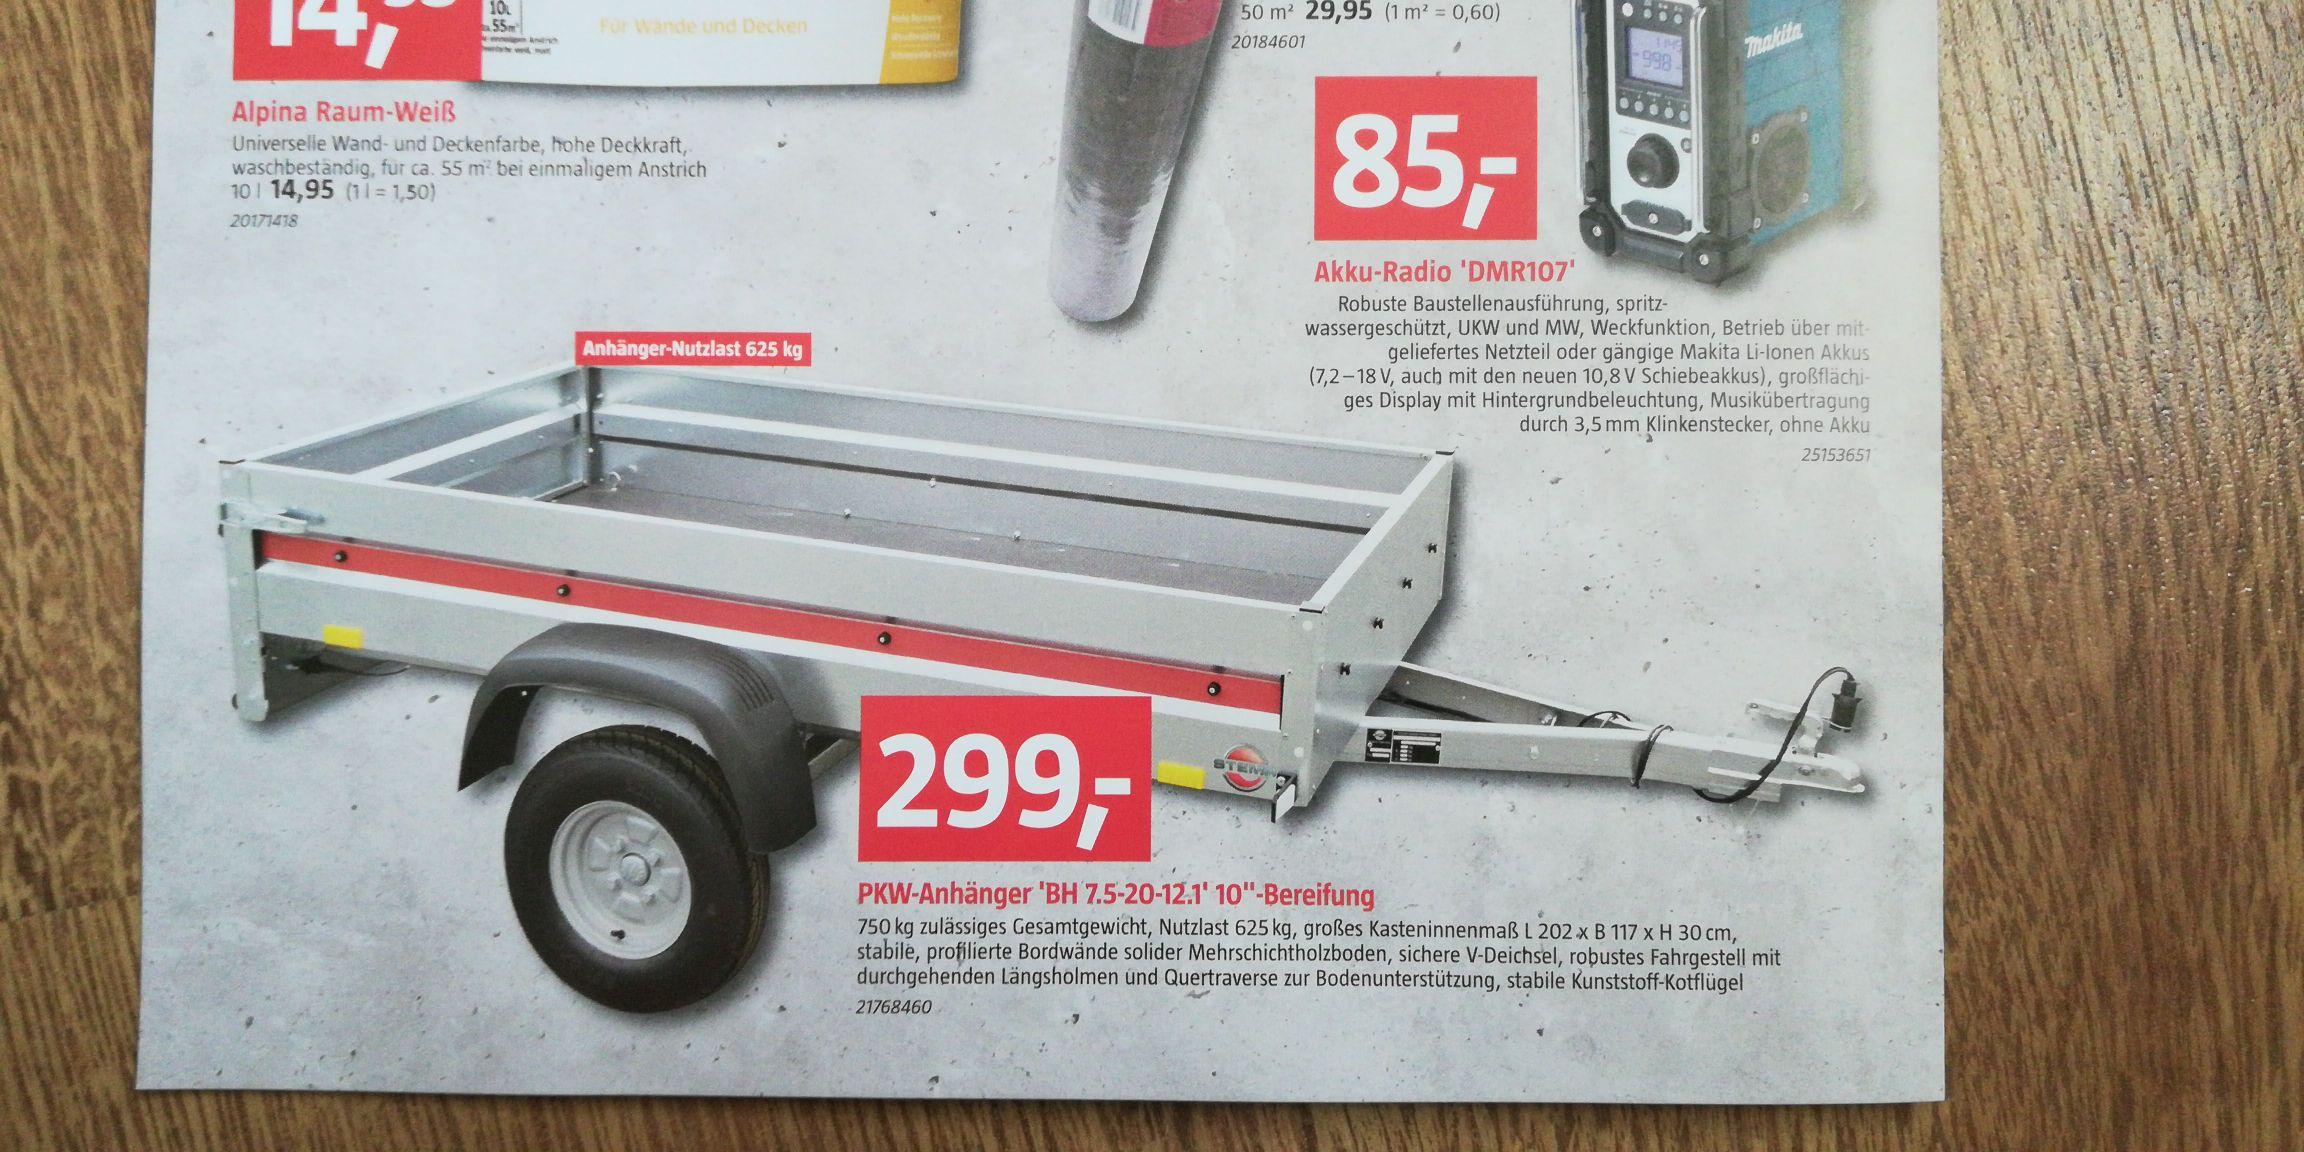 [Bauhaus Cottbus] Stema PKW Anhänger 750 KG / 625 KG Nutzlast Stahl verzinkt